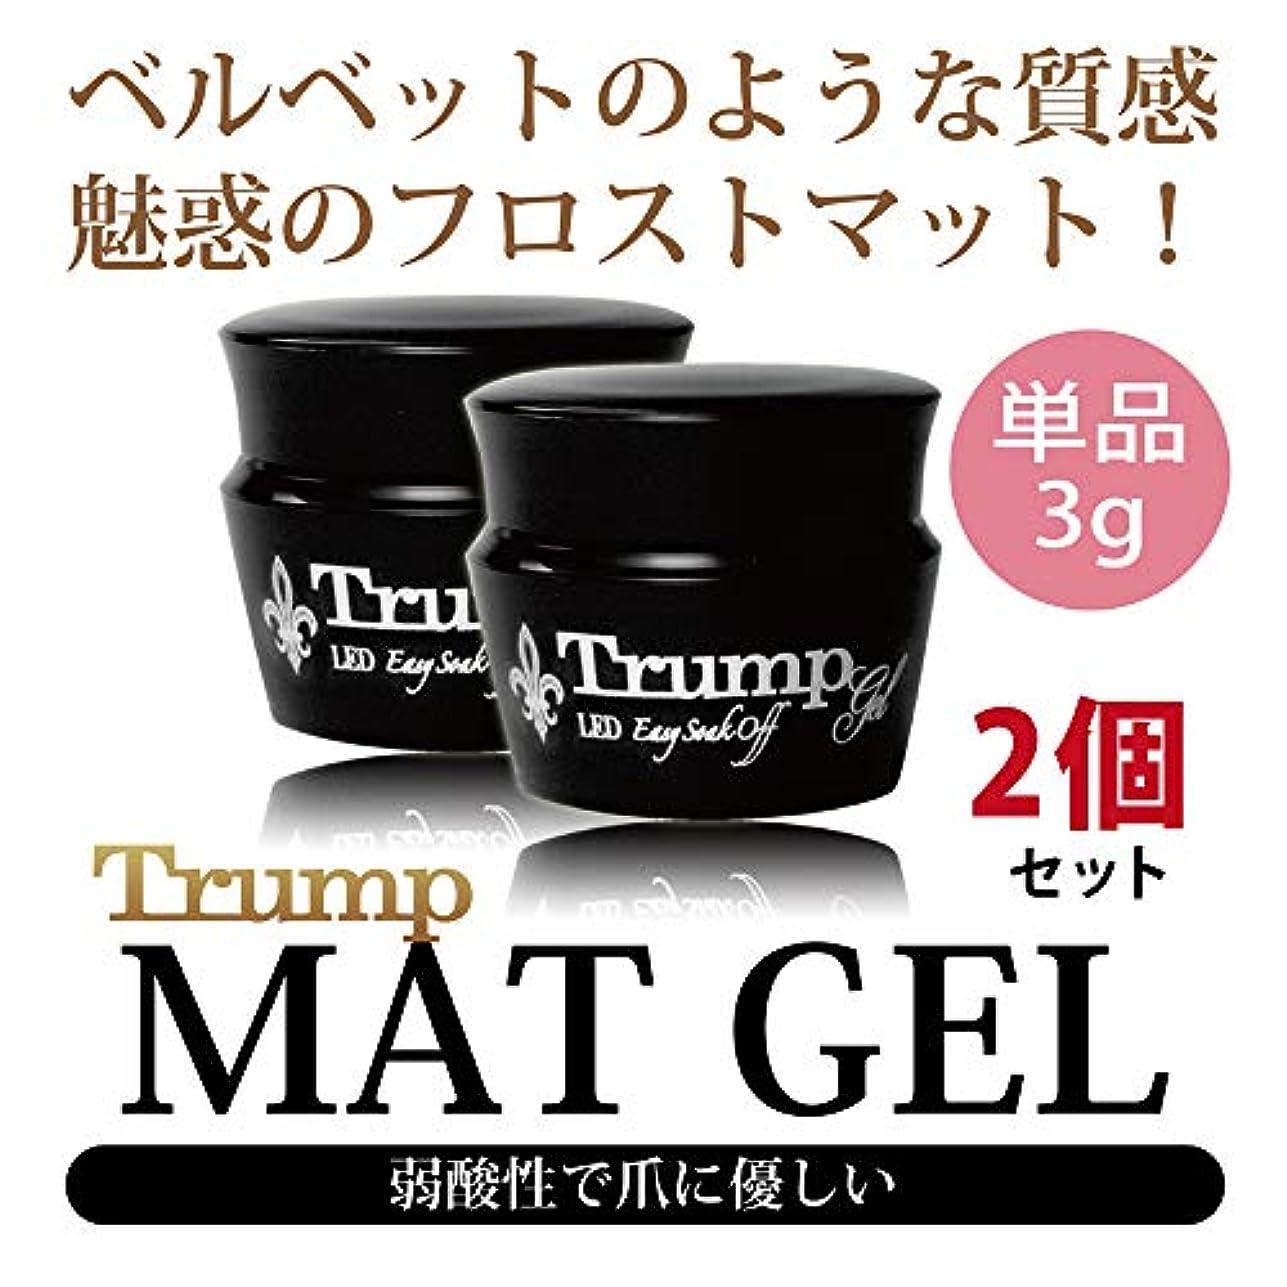 ひどくヘッジ徹底的にTrump gel マットトップジェル 3g 2個セット